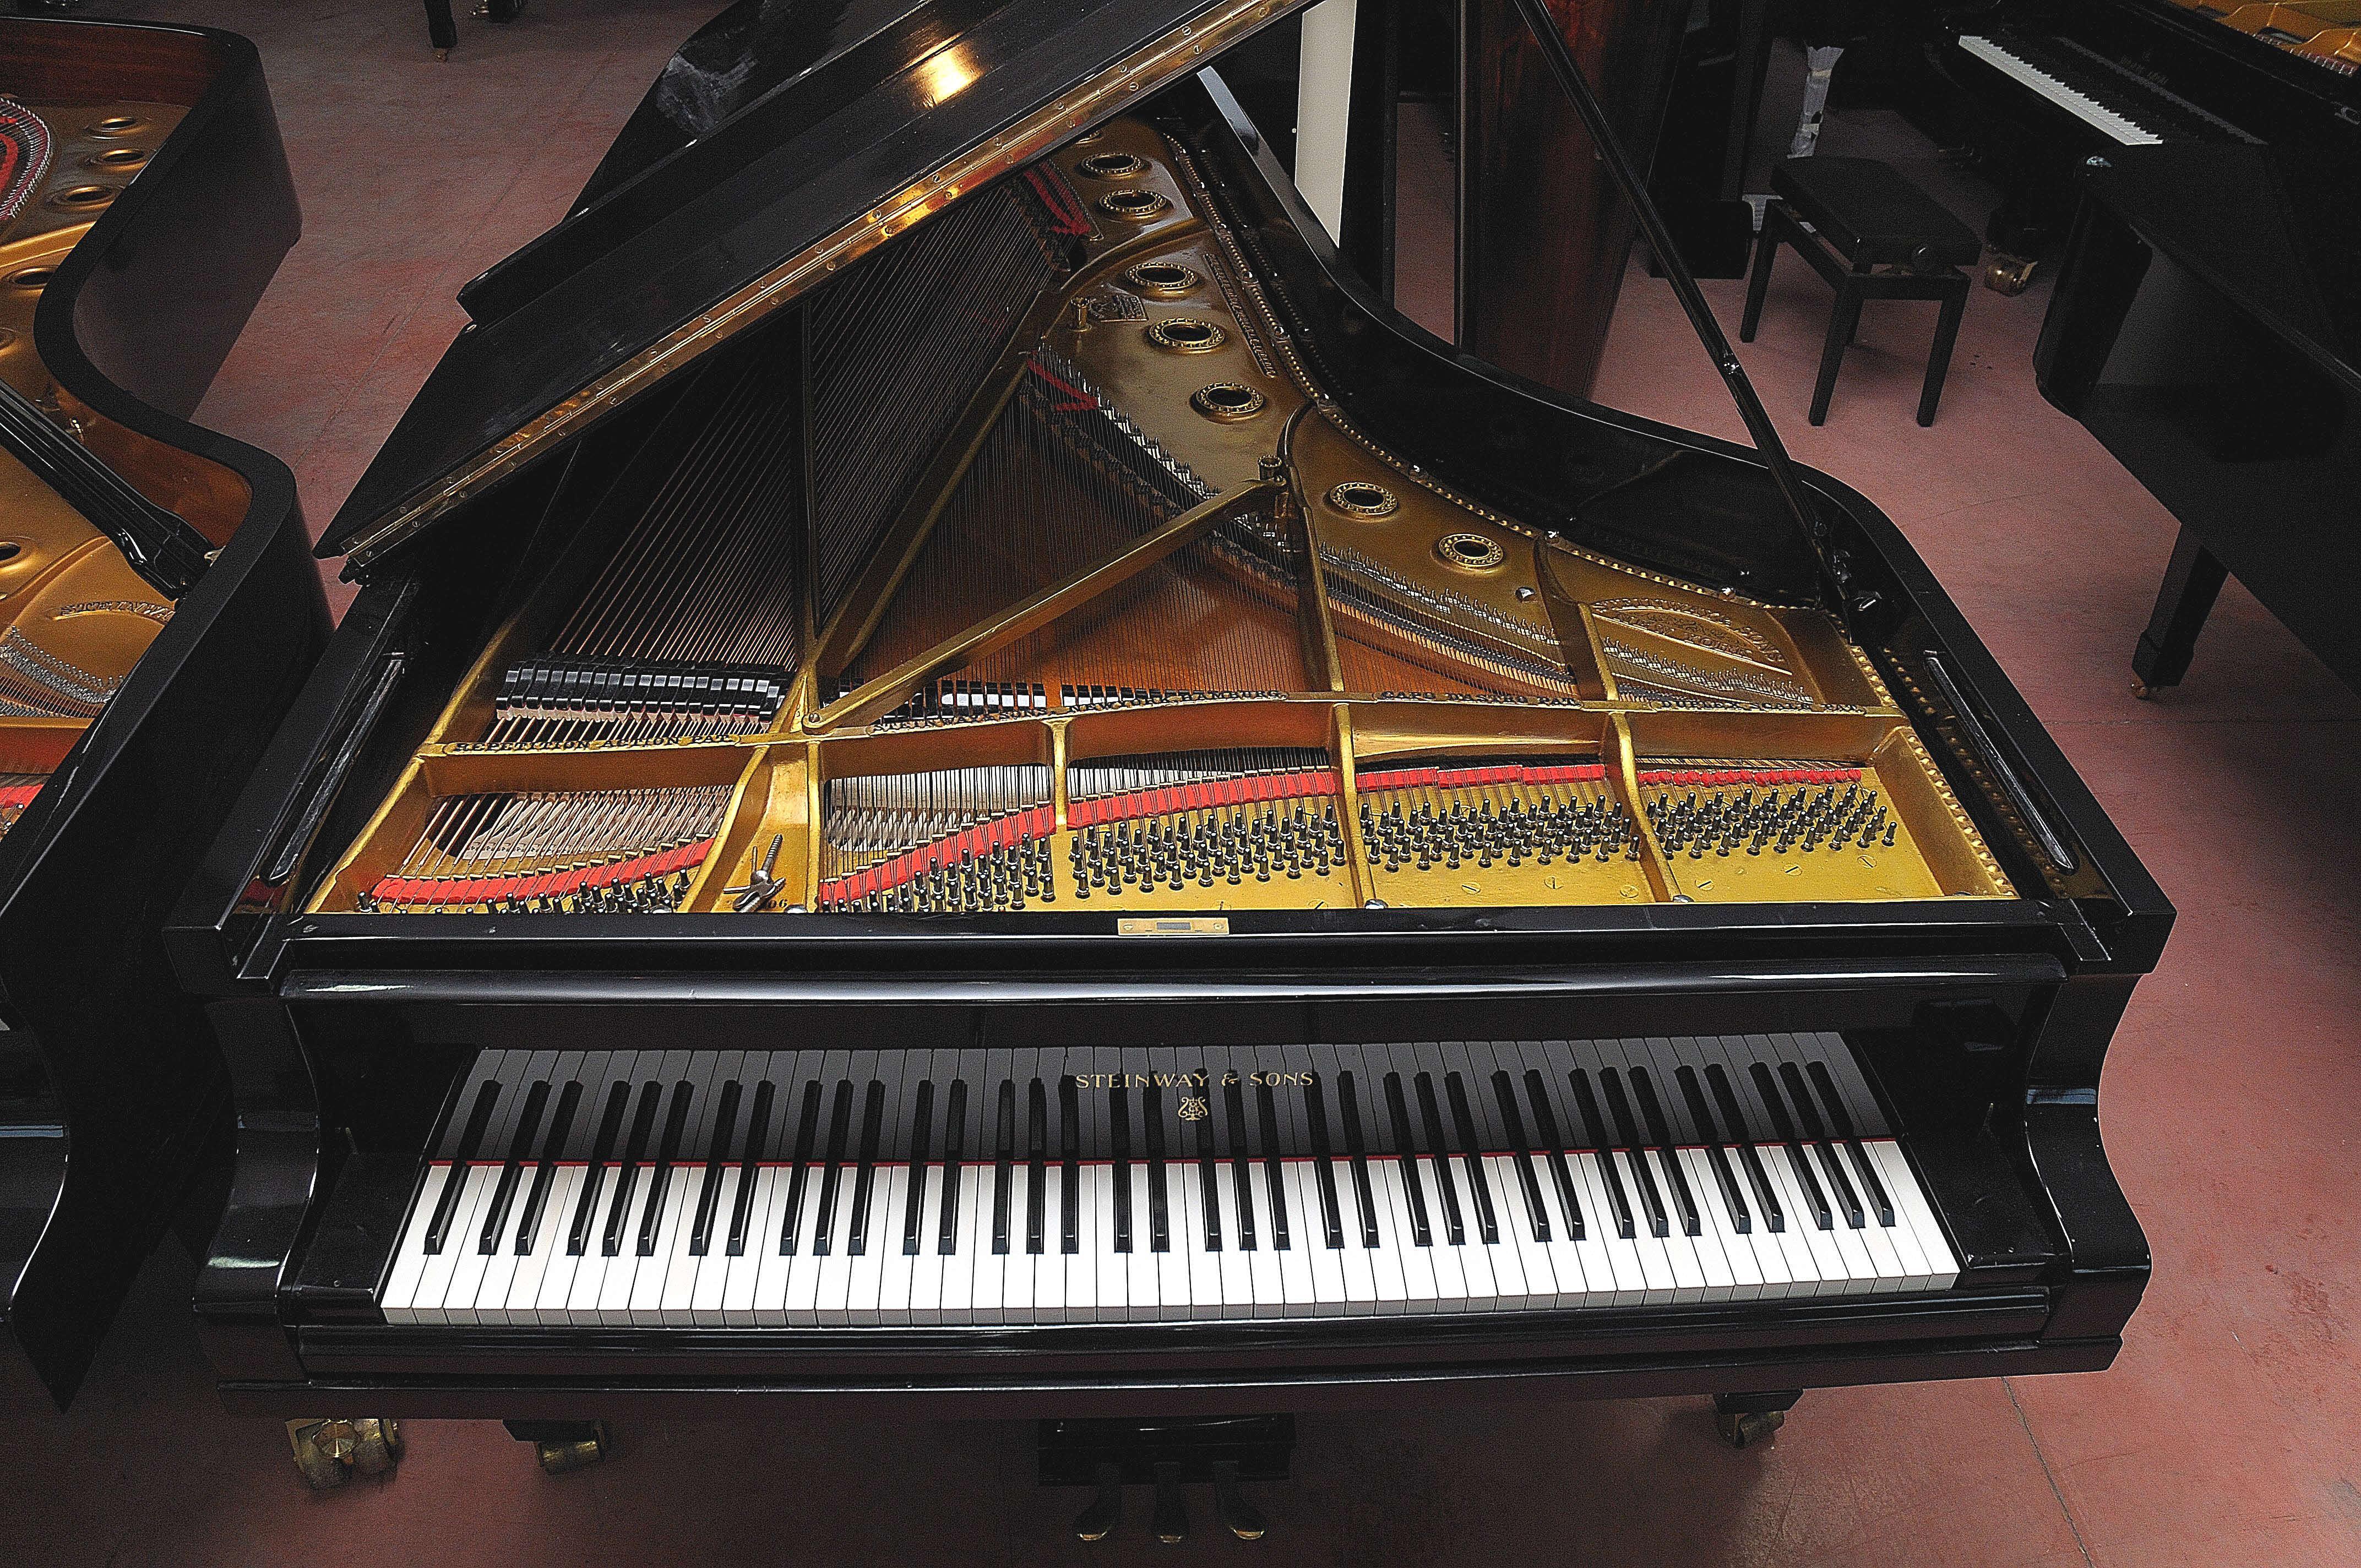 sognare regalare pianoforte